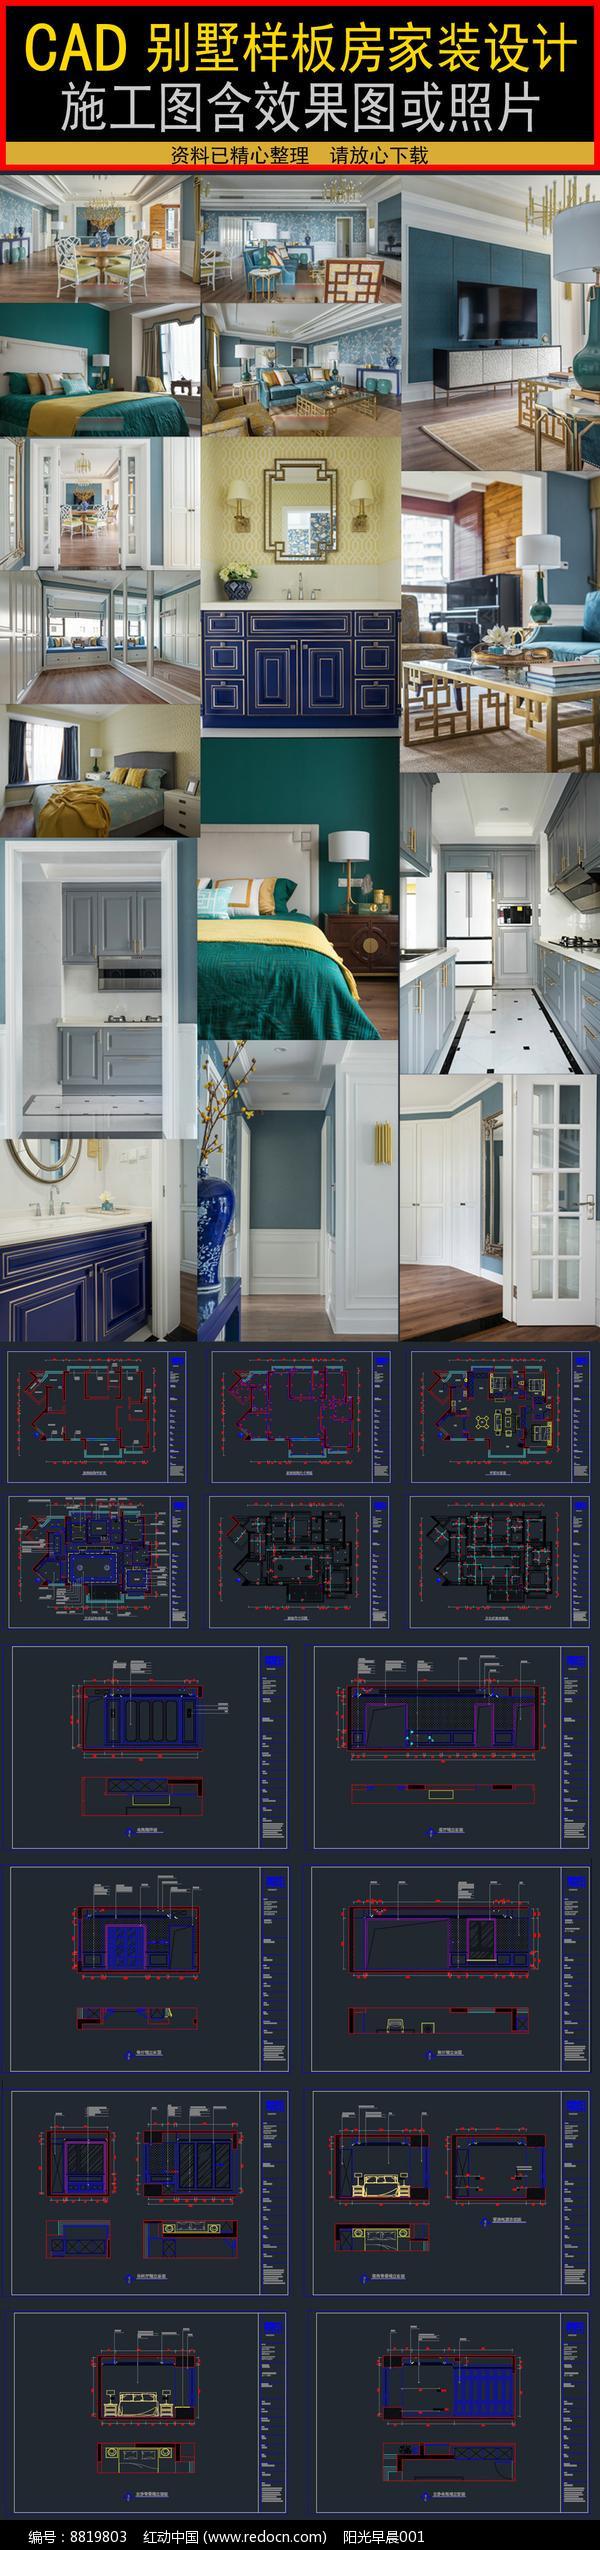 时尚美宅家居施工图效果图图片